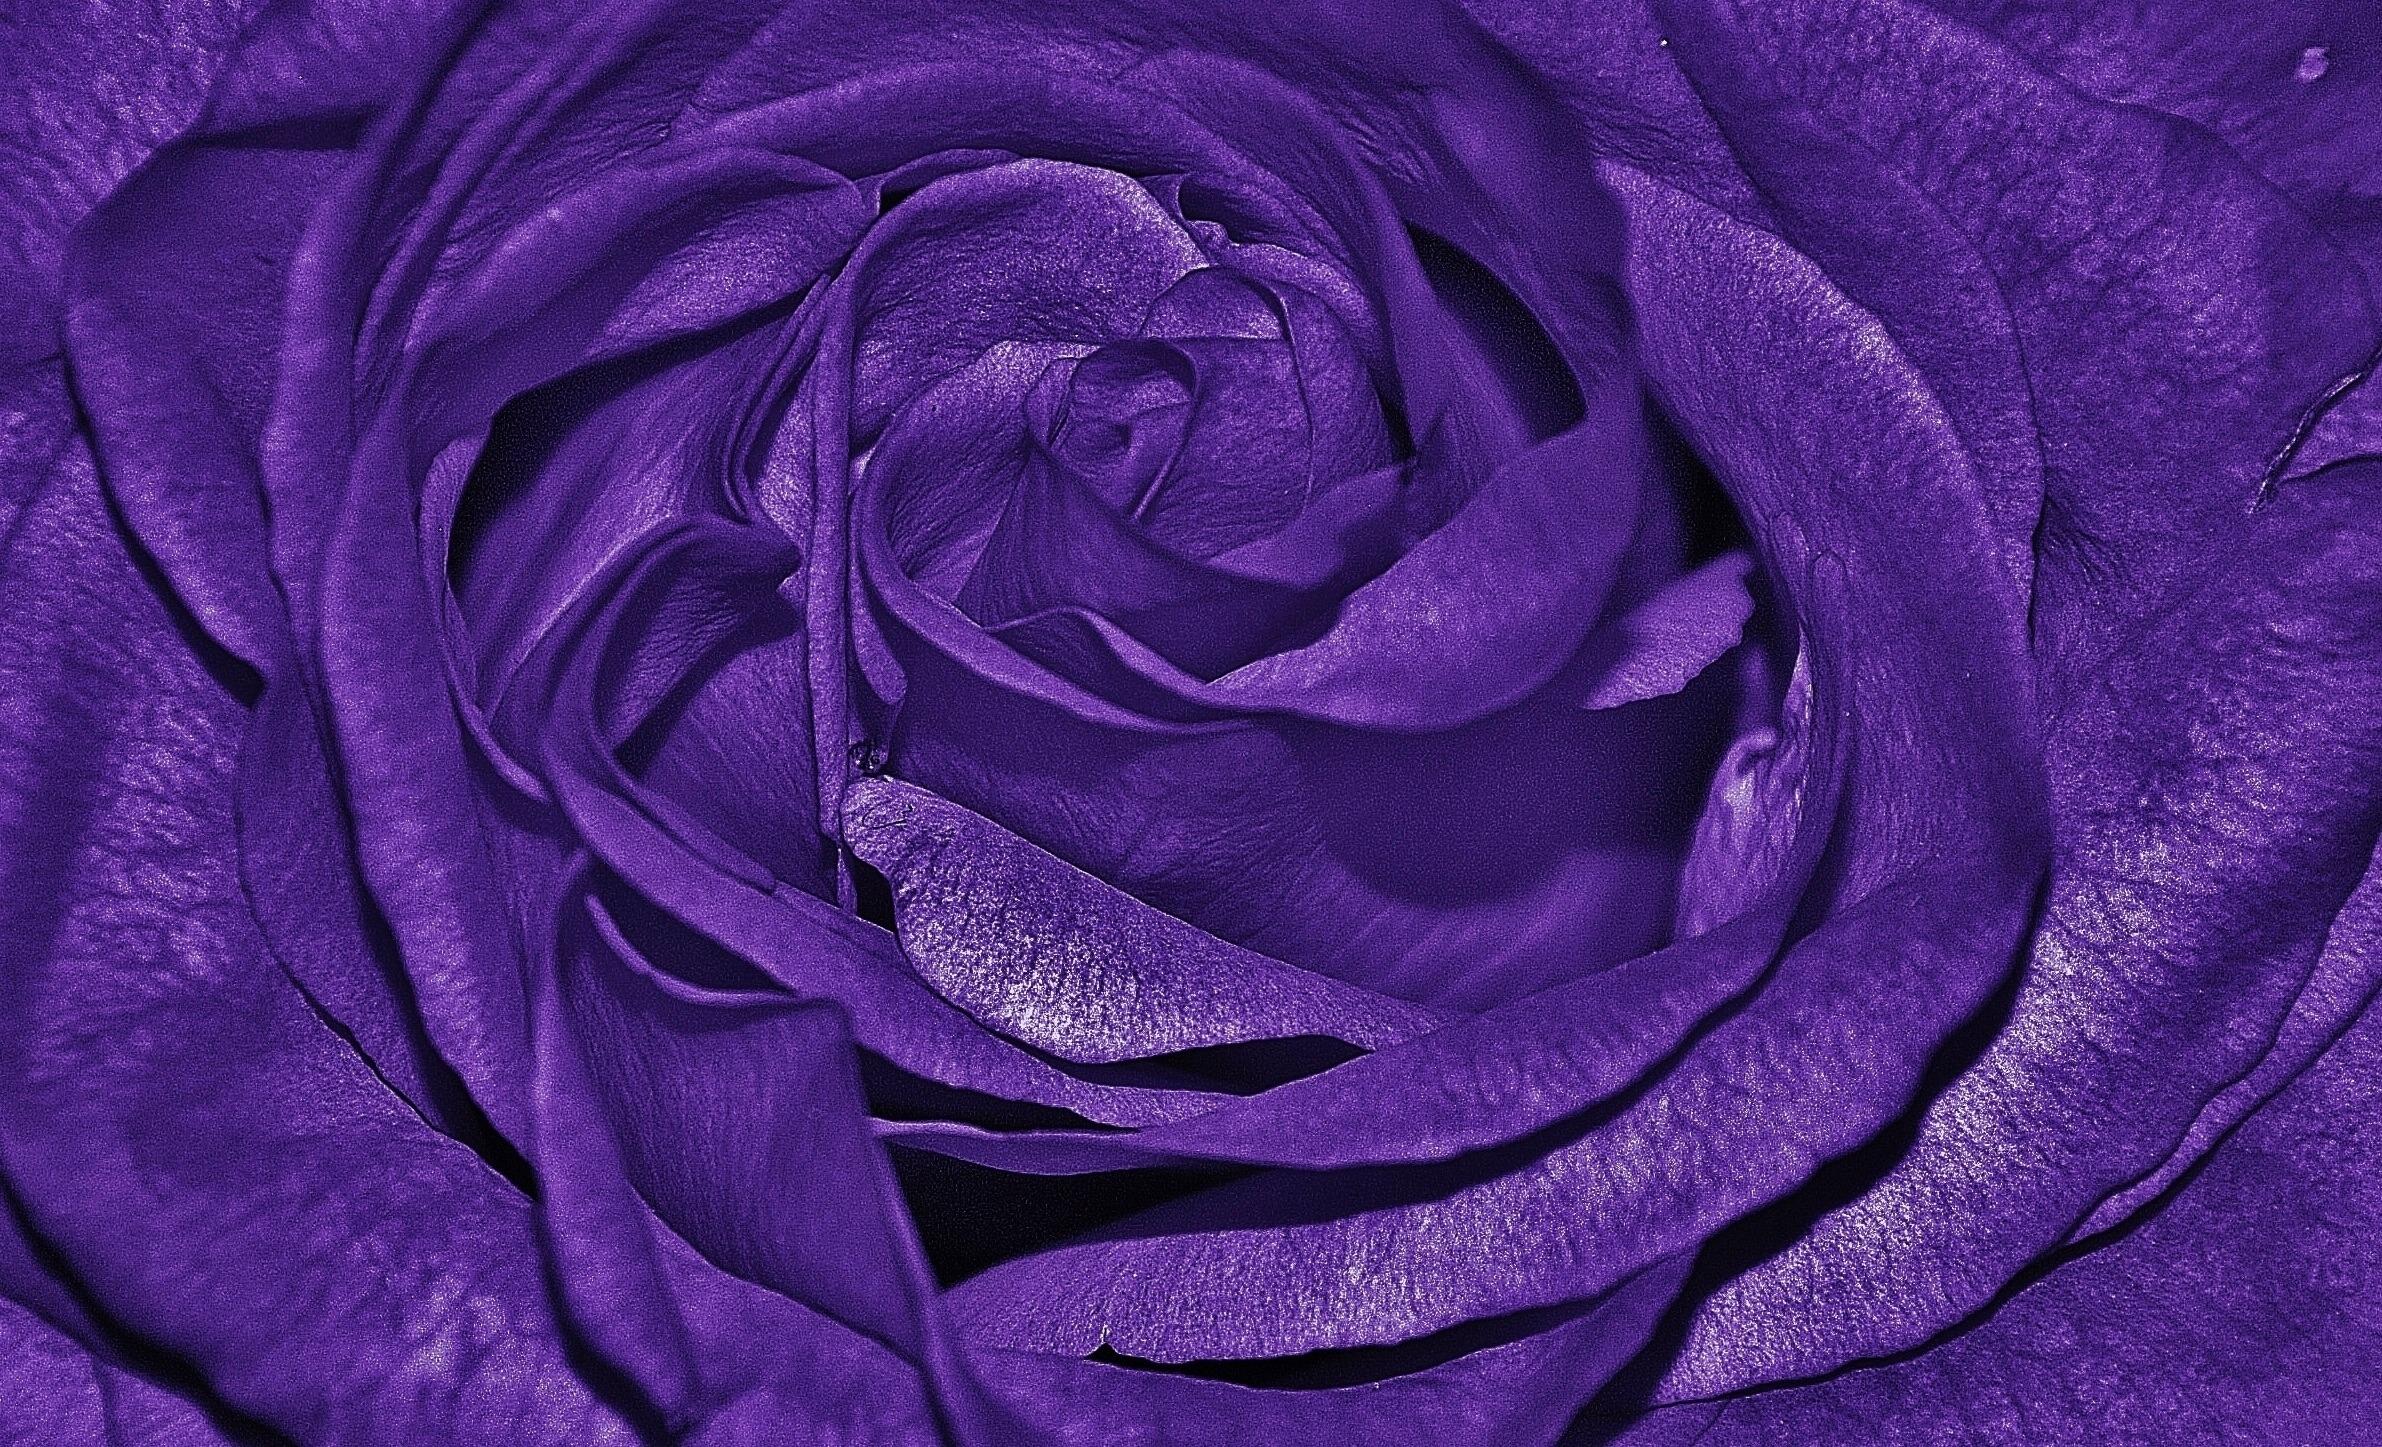 kostenlose foto natur schwarz und wei wei blume lila bl tenblatt liebe makro blau. Black Bedroom Furniture Sets. Home Design Ideas